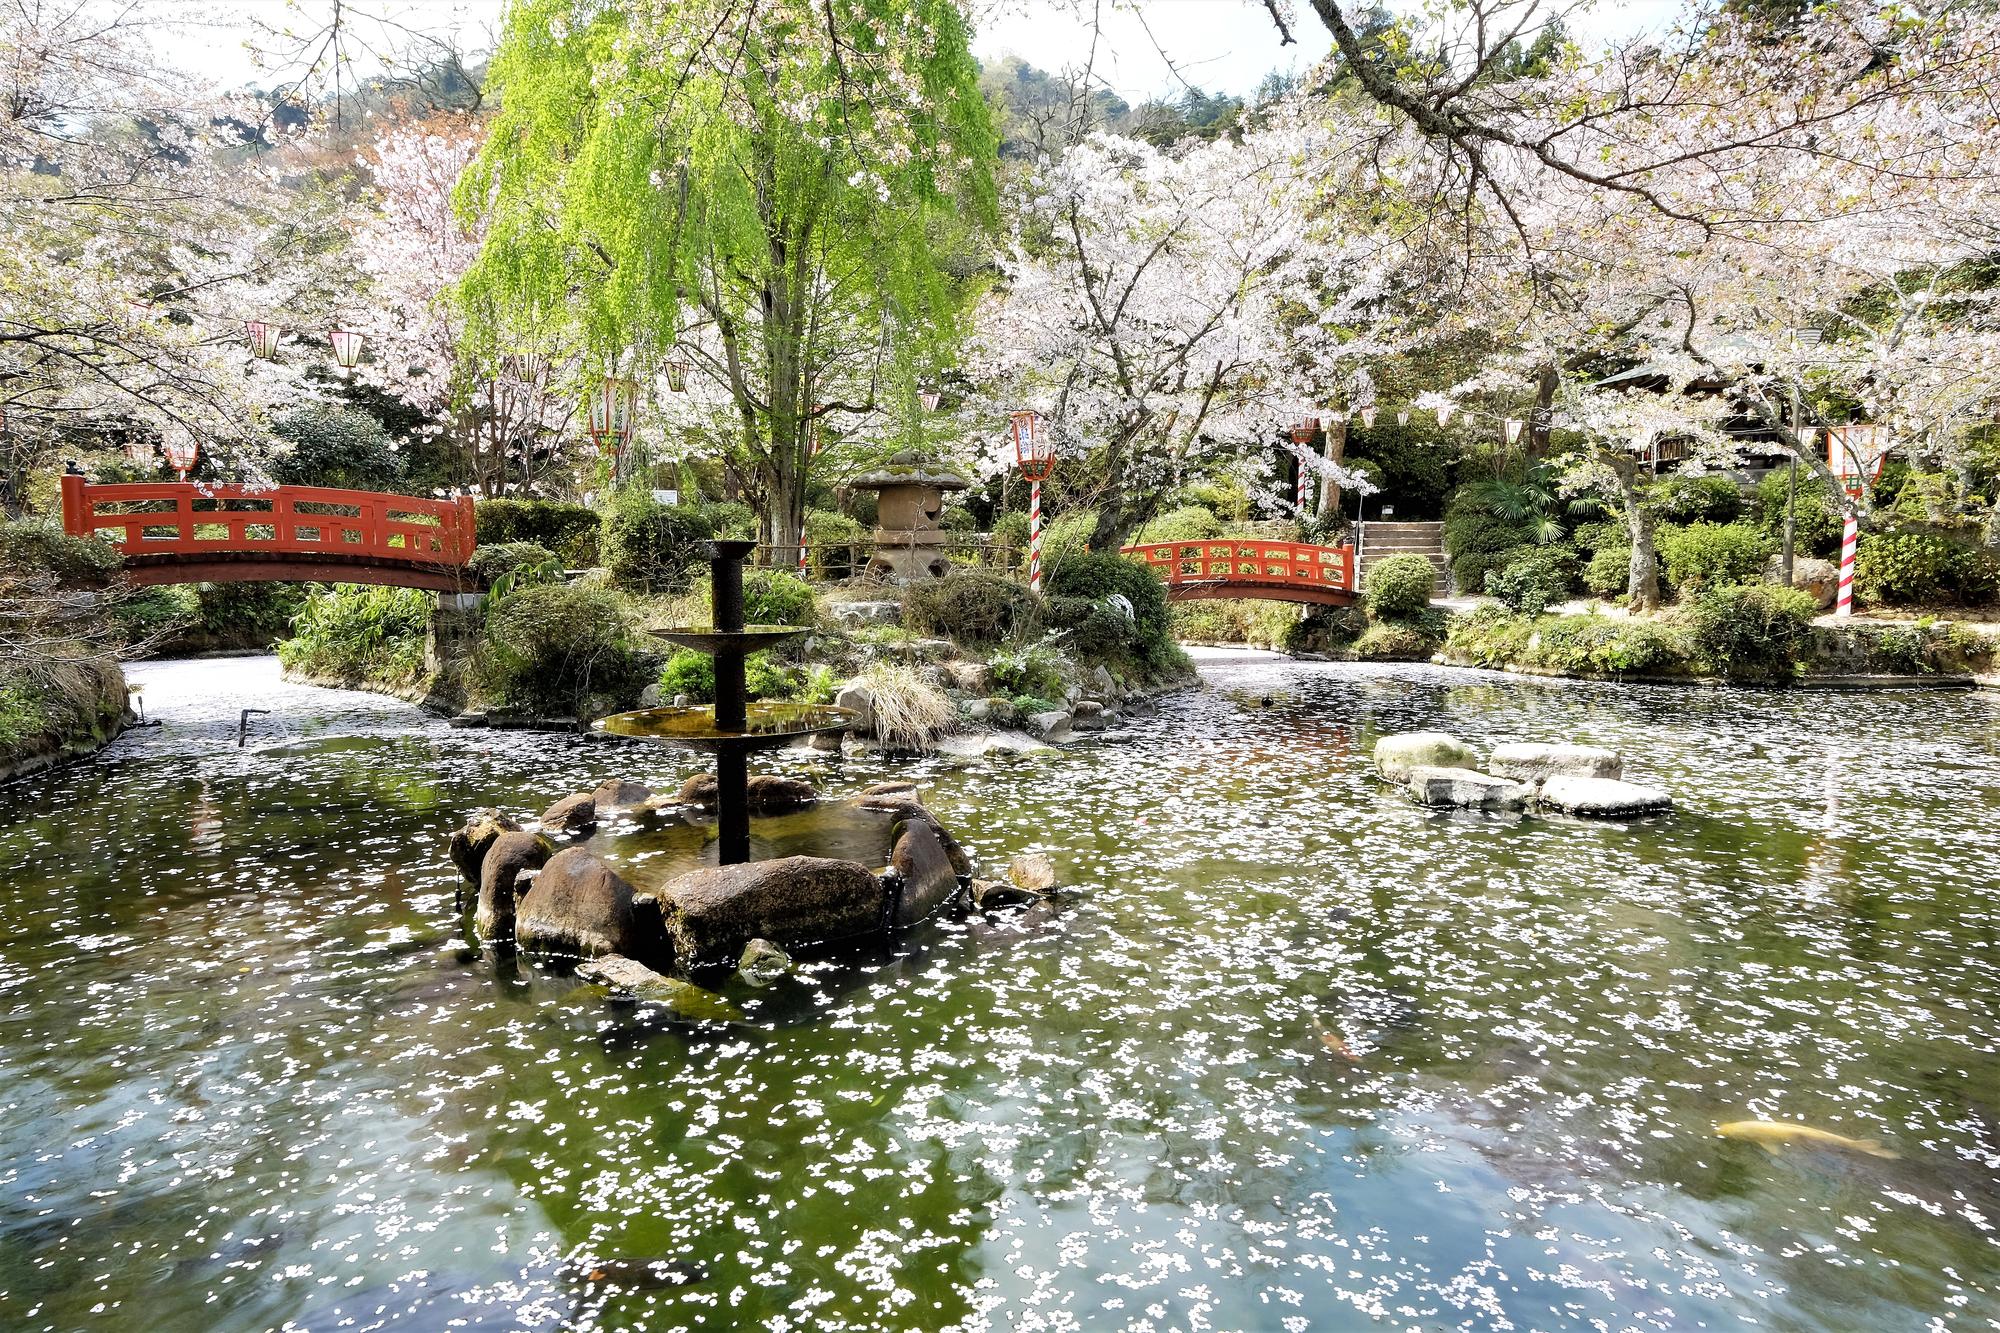 【関金温泉】日本国内第2位のラドン放射能を有する温泉地